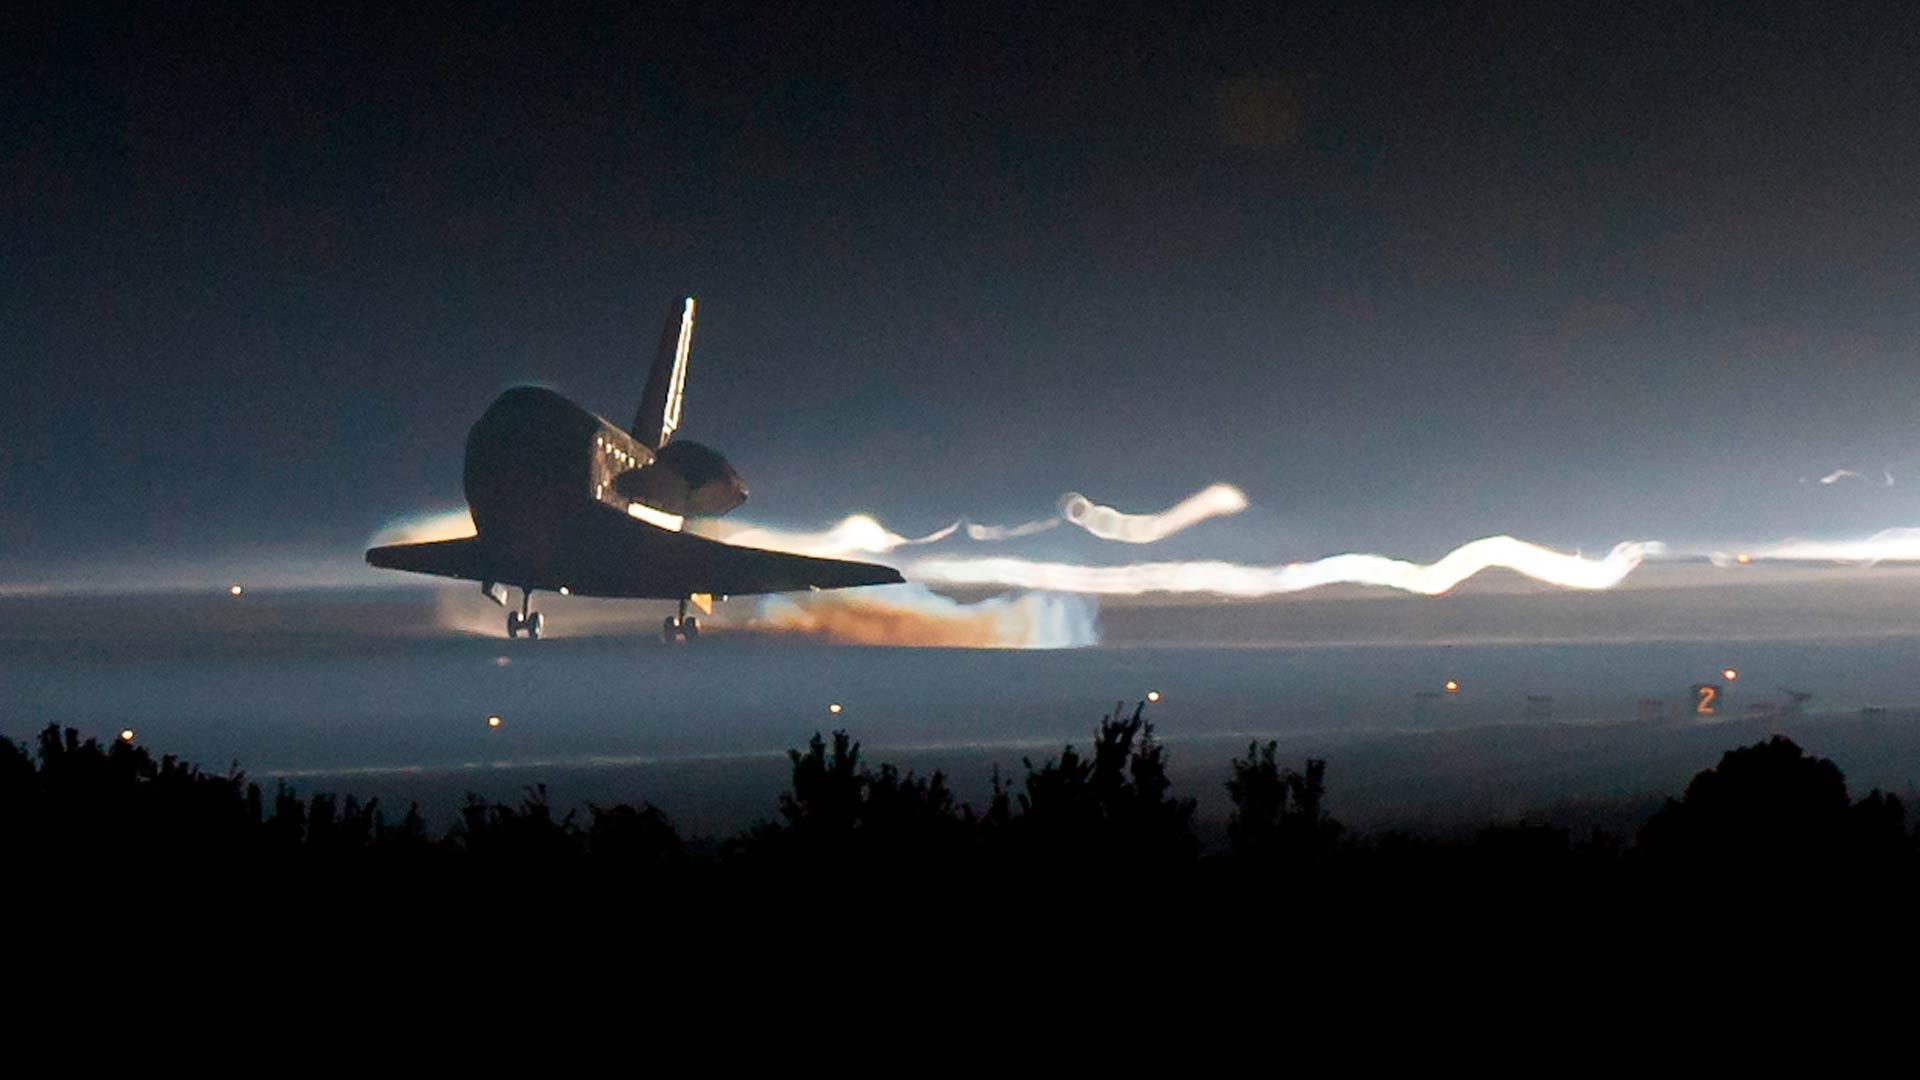 Space Shuttle Wallpaper Desktop   Pics about space 1920x1080